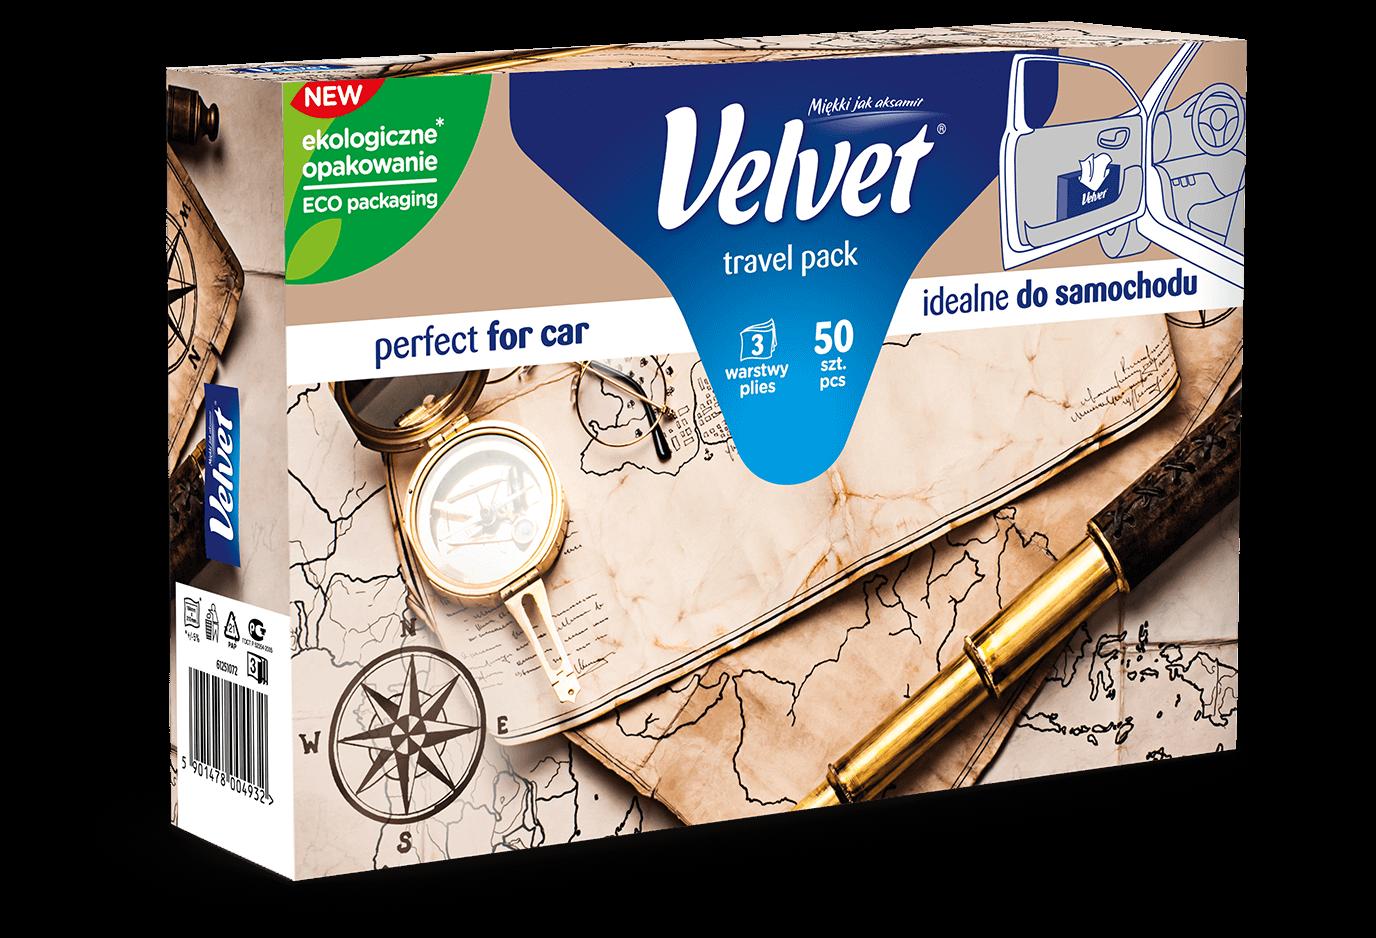 Chusteczki higieniczne Velvet Travel Pack – kolorystyka w odcieniach brązu